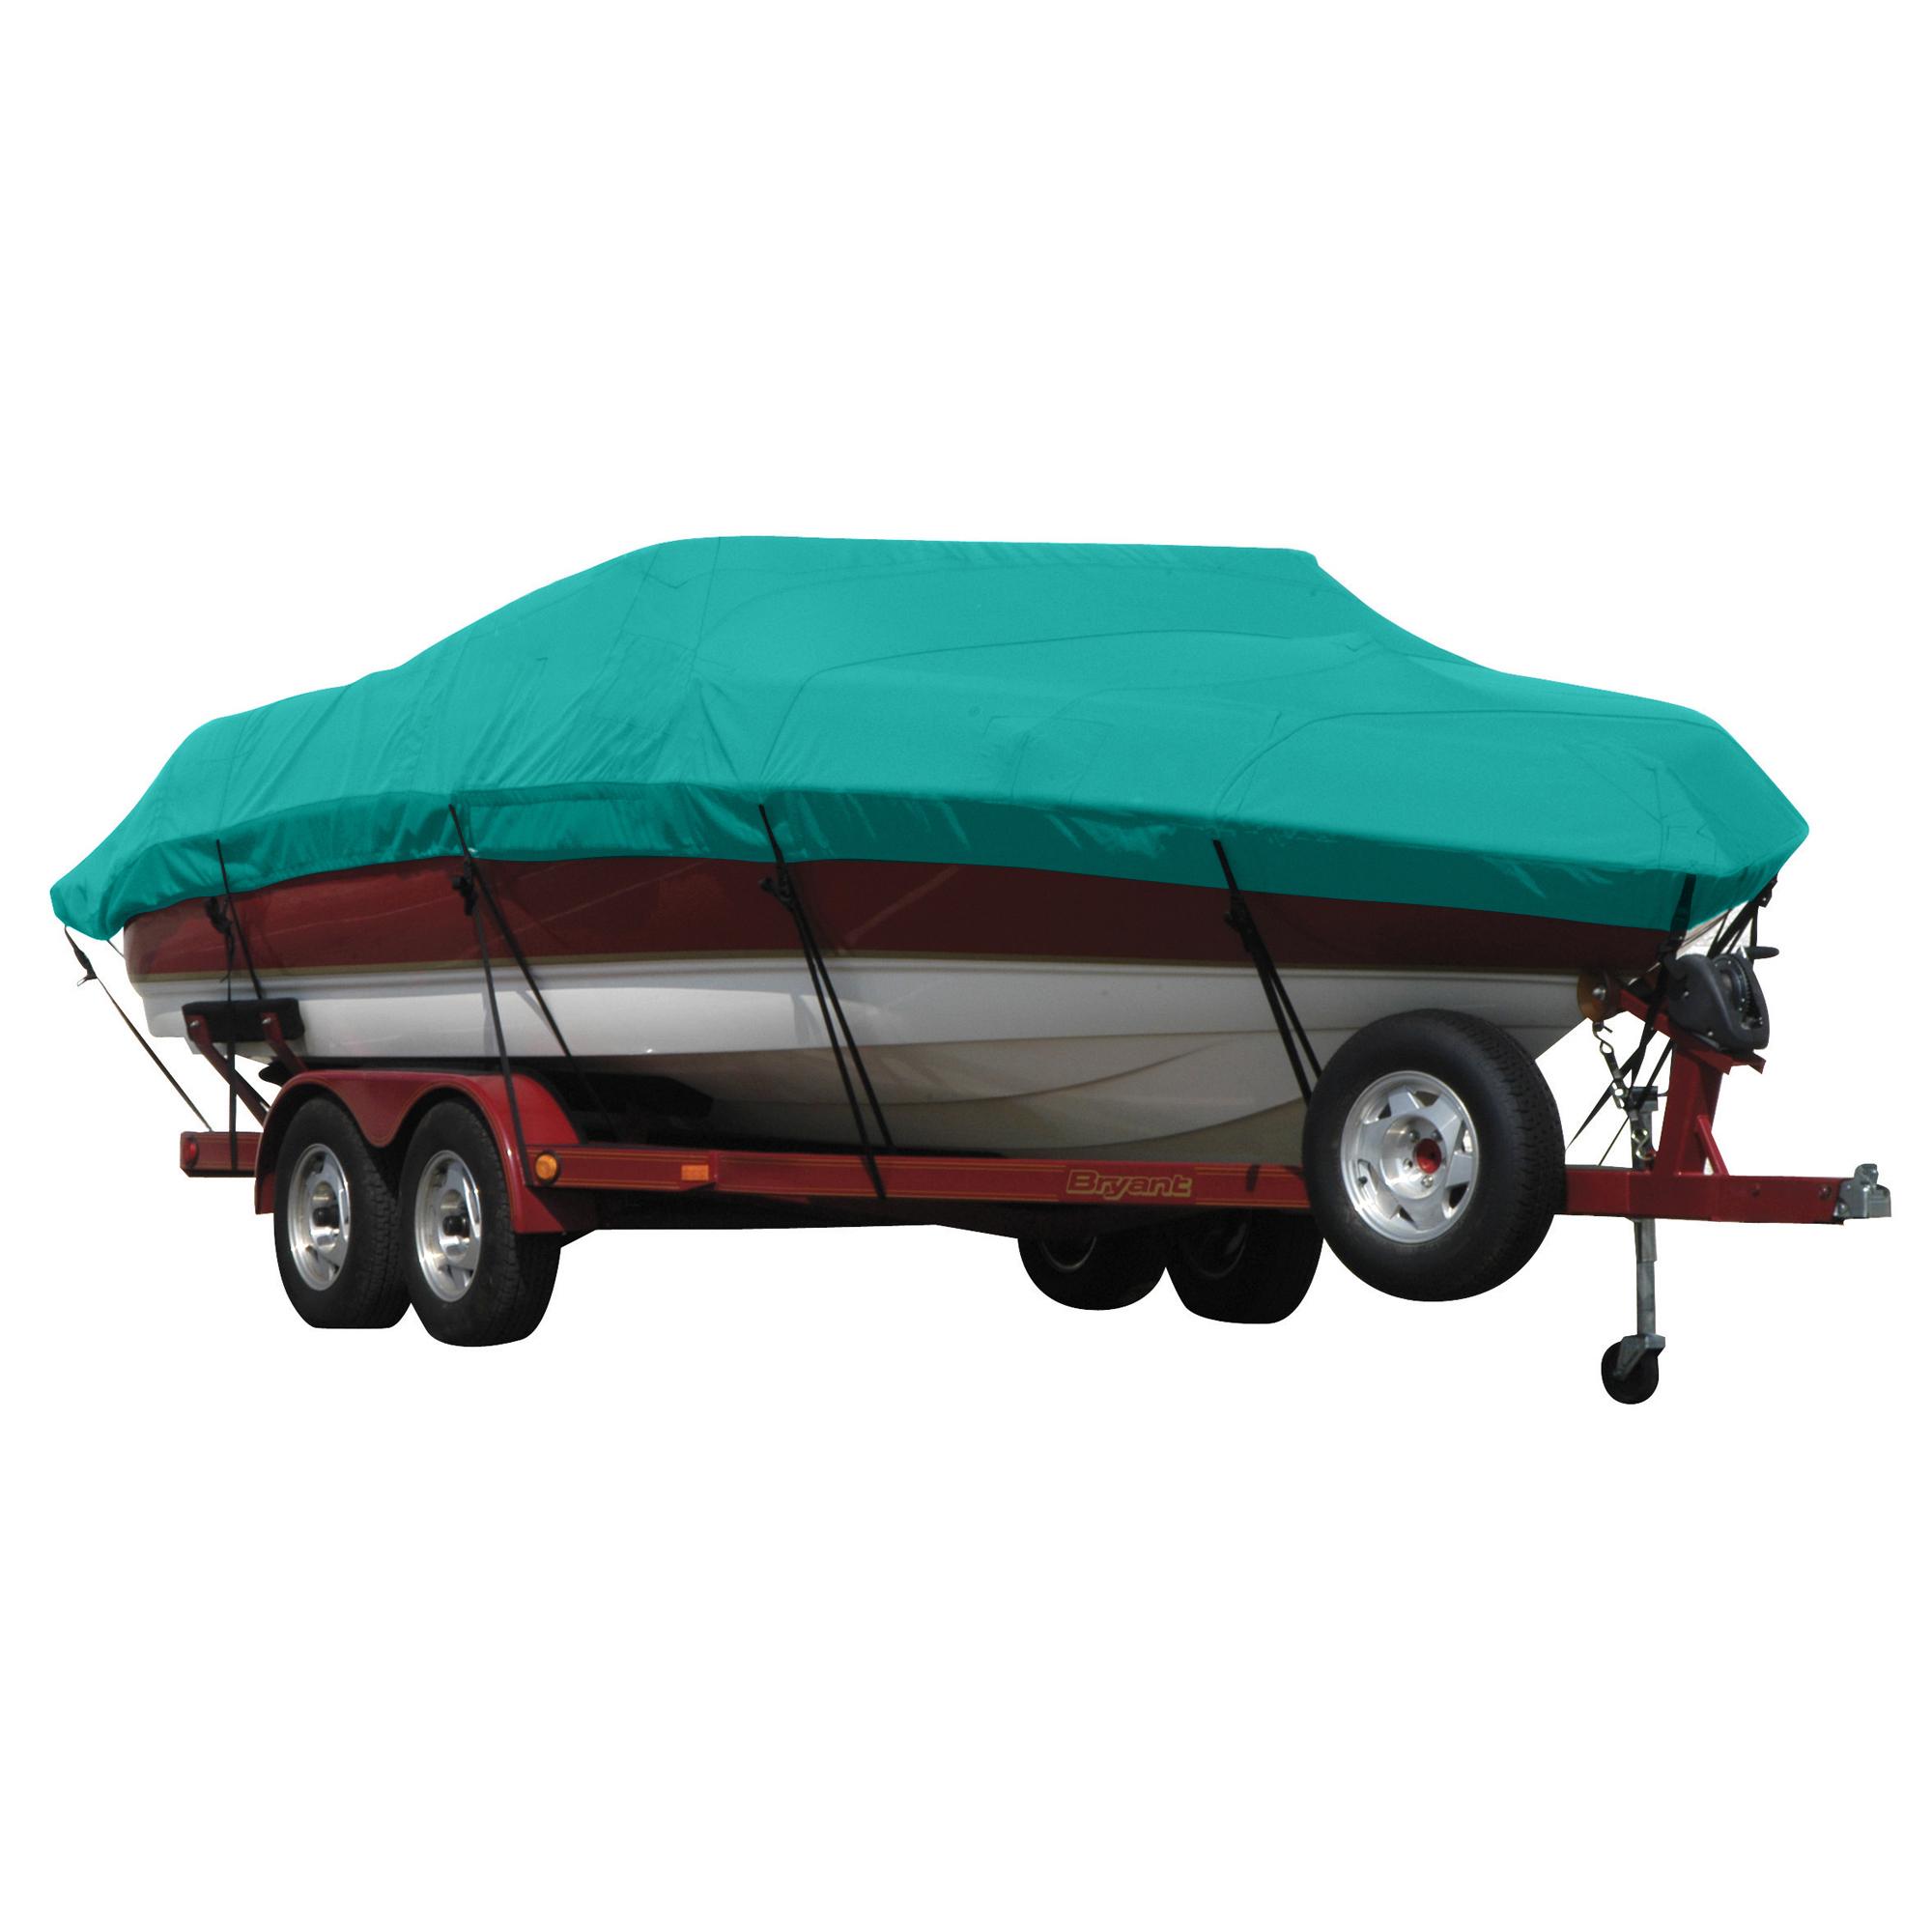 Exact Fit Covermate Sunbrella Boat Cover for Princecraft Super Pro 176 Super Pro 176 Fish N Promenade W/Ski Rope Guard O/B. Persian Green